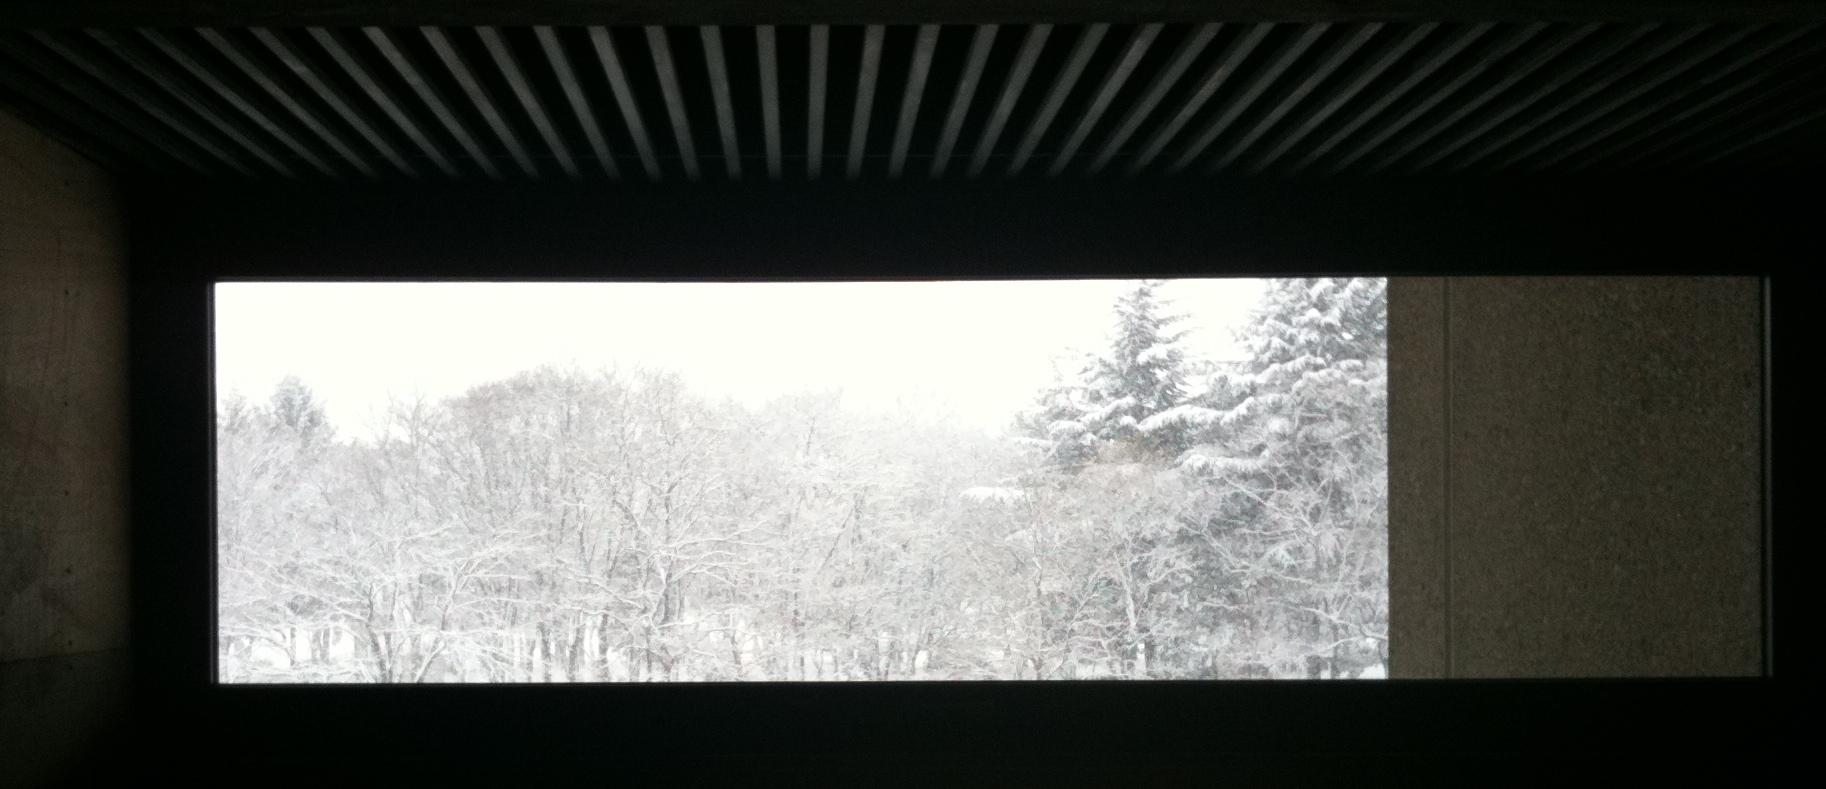 長野市立博物館の階段室より見た外の景色(2010年1月15日,大雪の日)